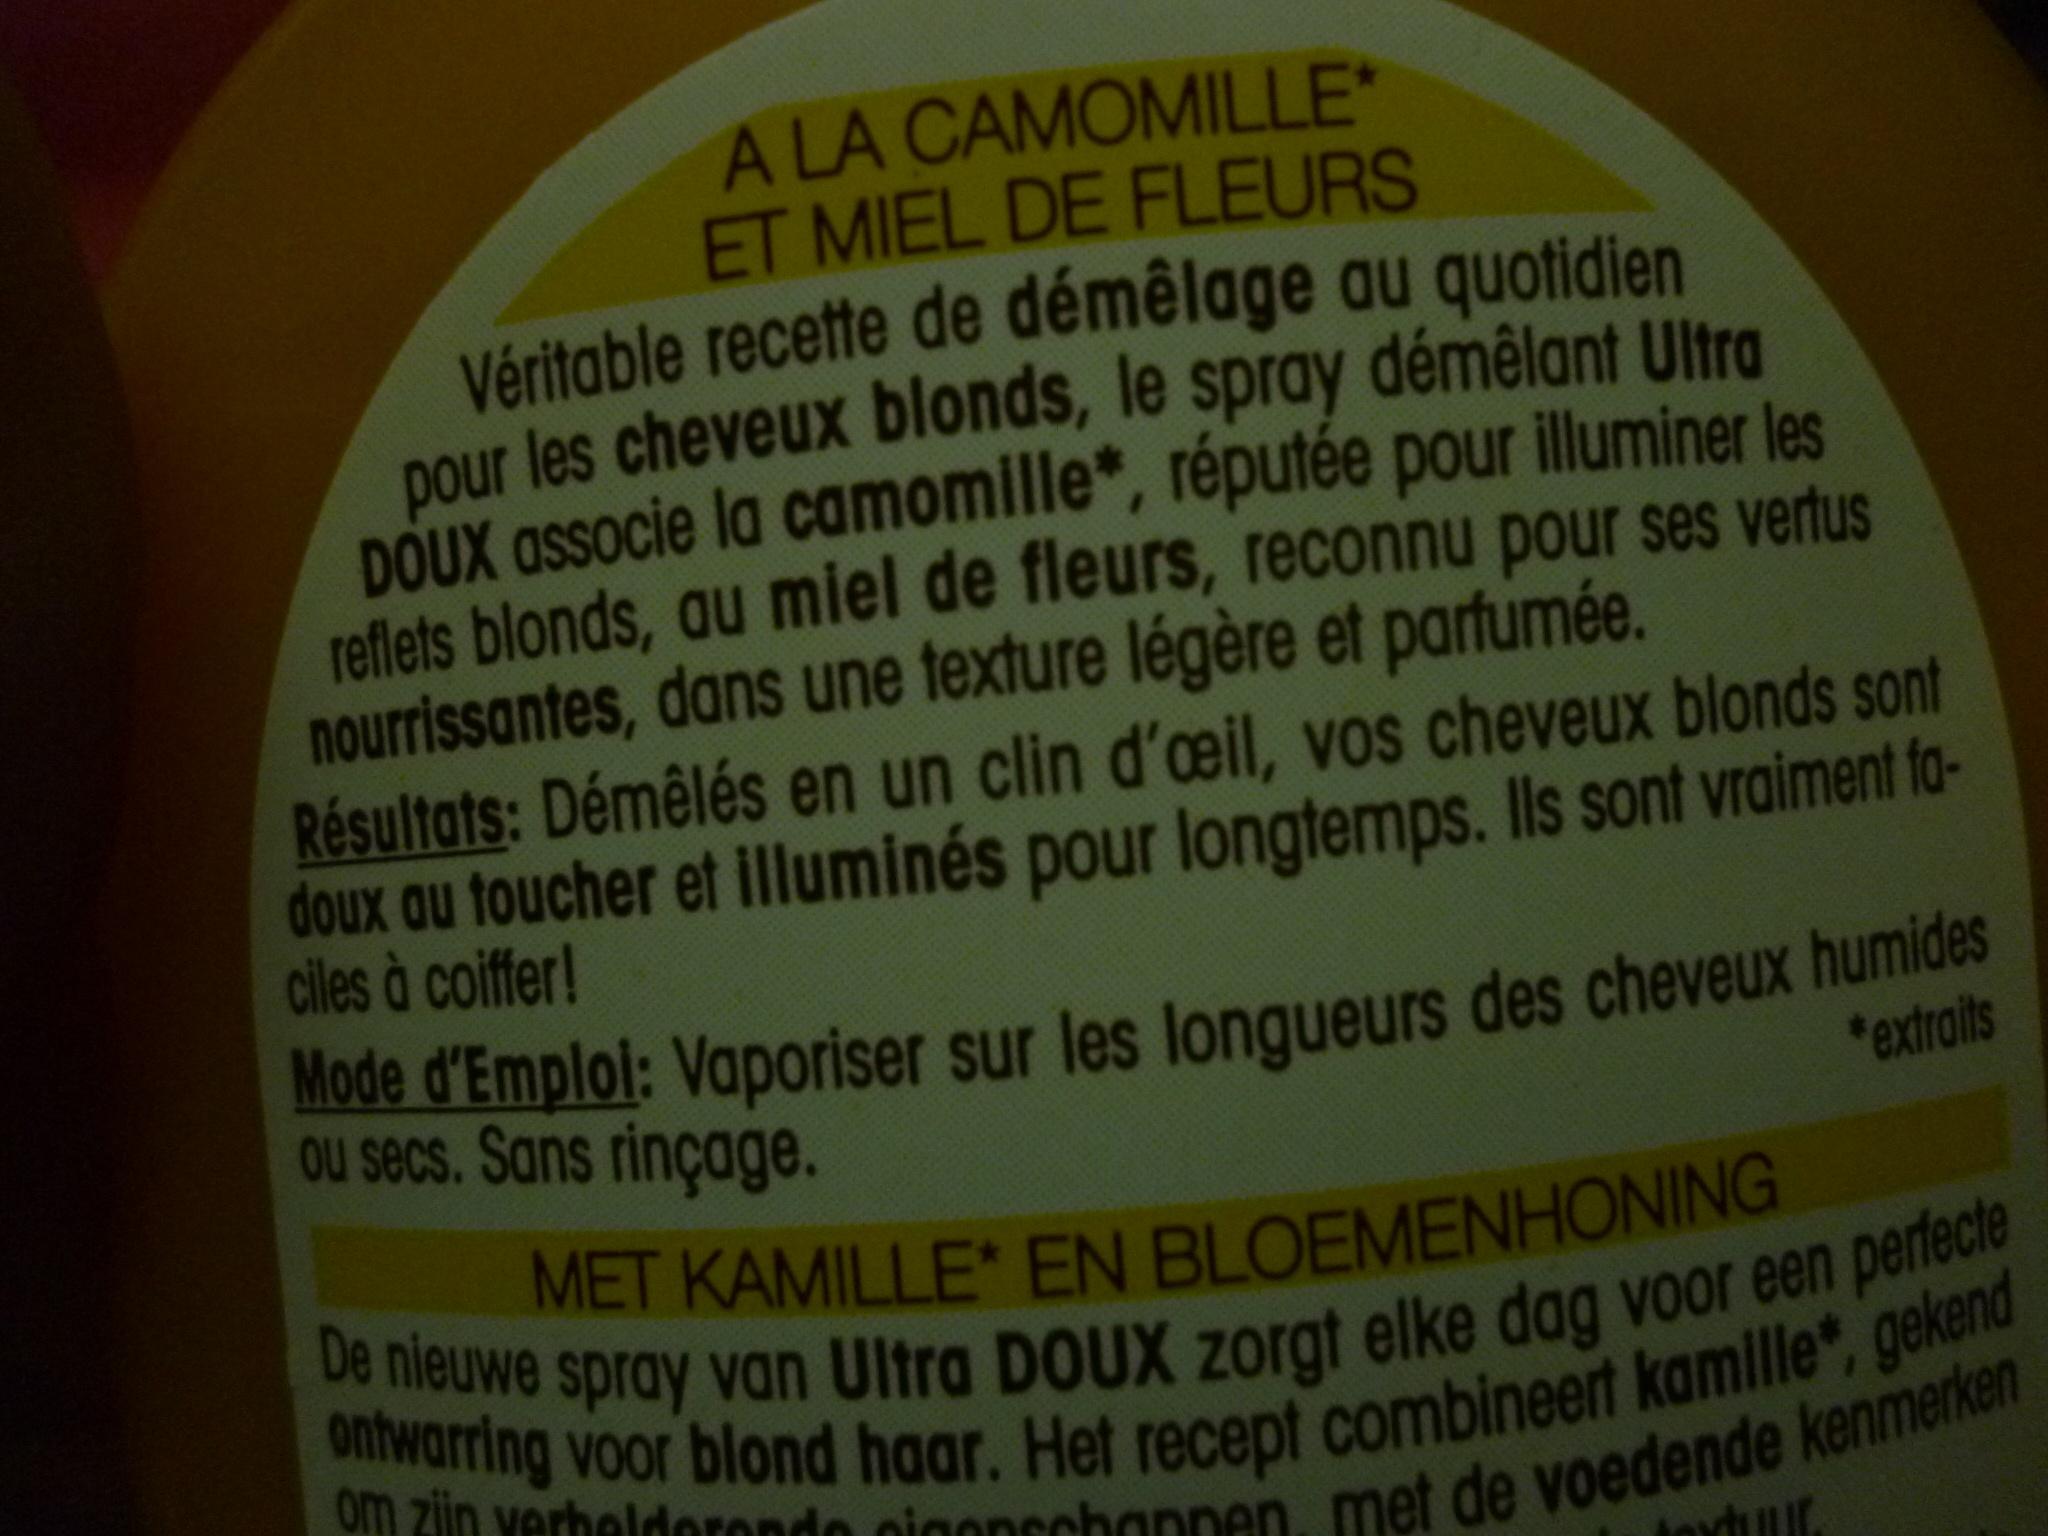 Spray démêlant sans rinçage Camomille Miel de Fleurs - Ultra Doux de Garnier